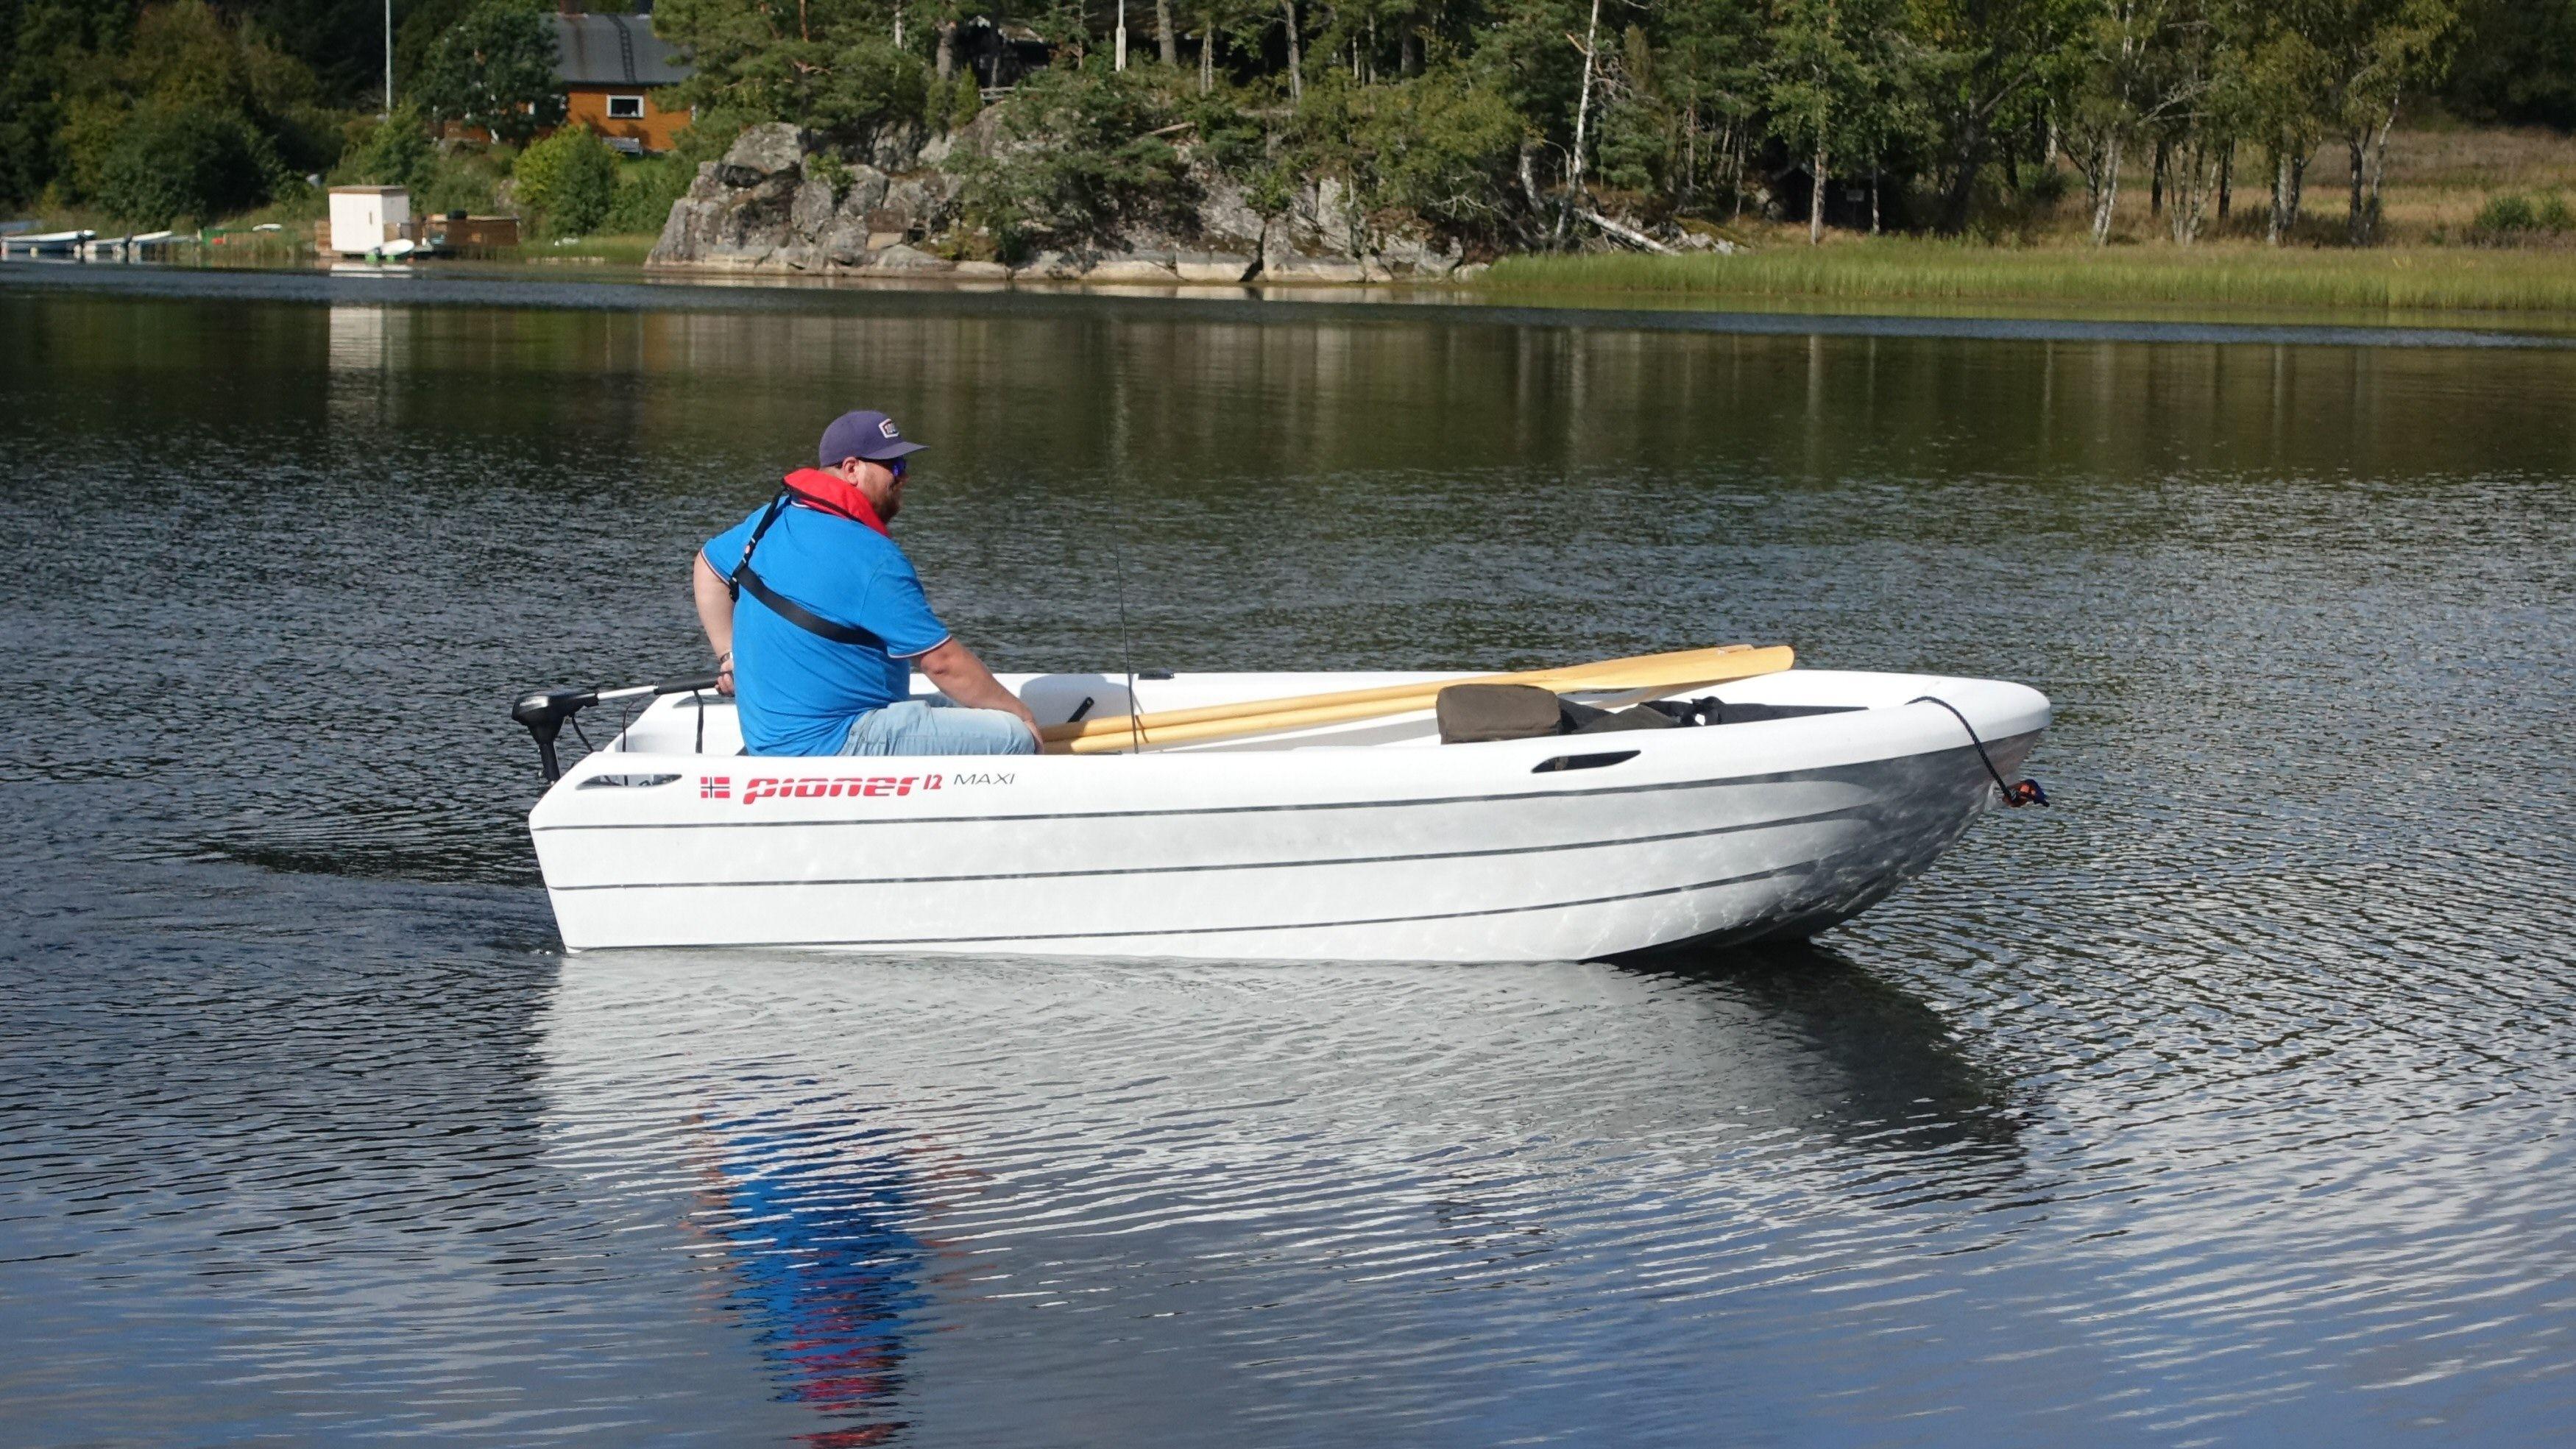 Slik så båten vi testet ut fra siden.